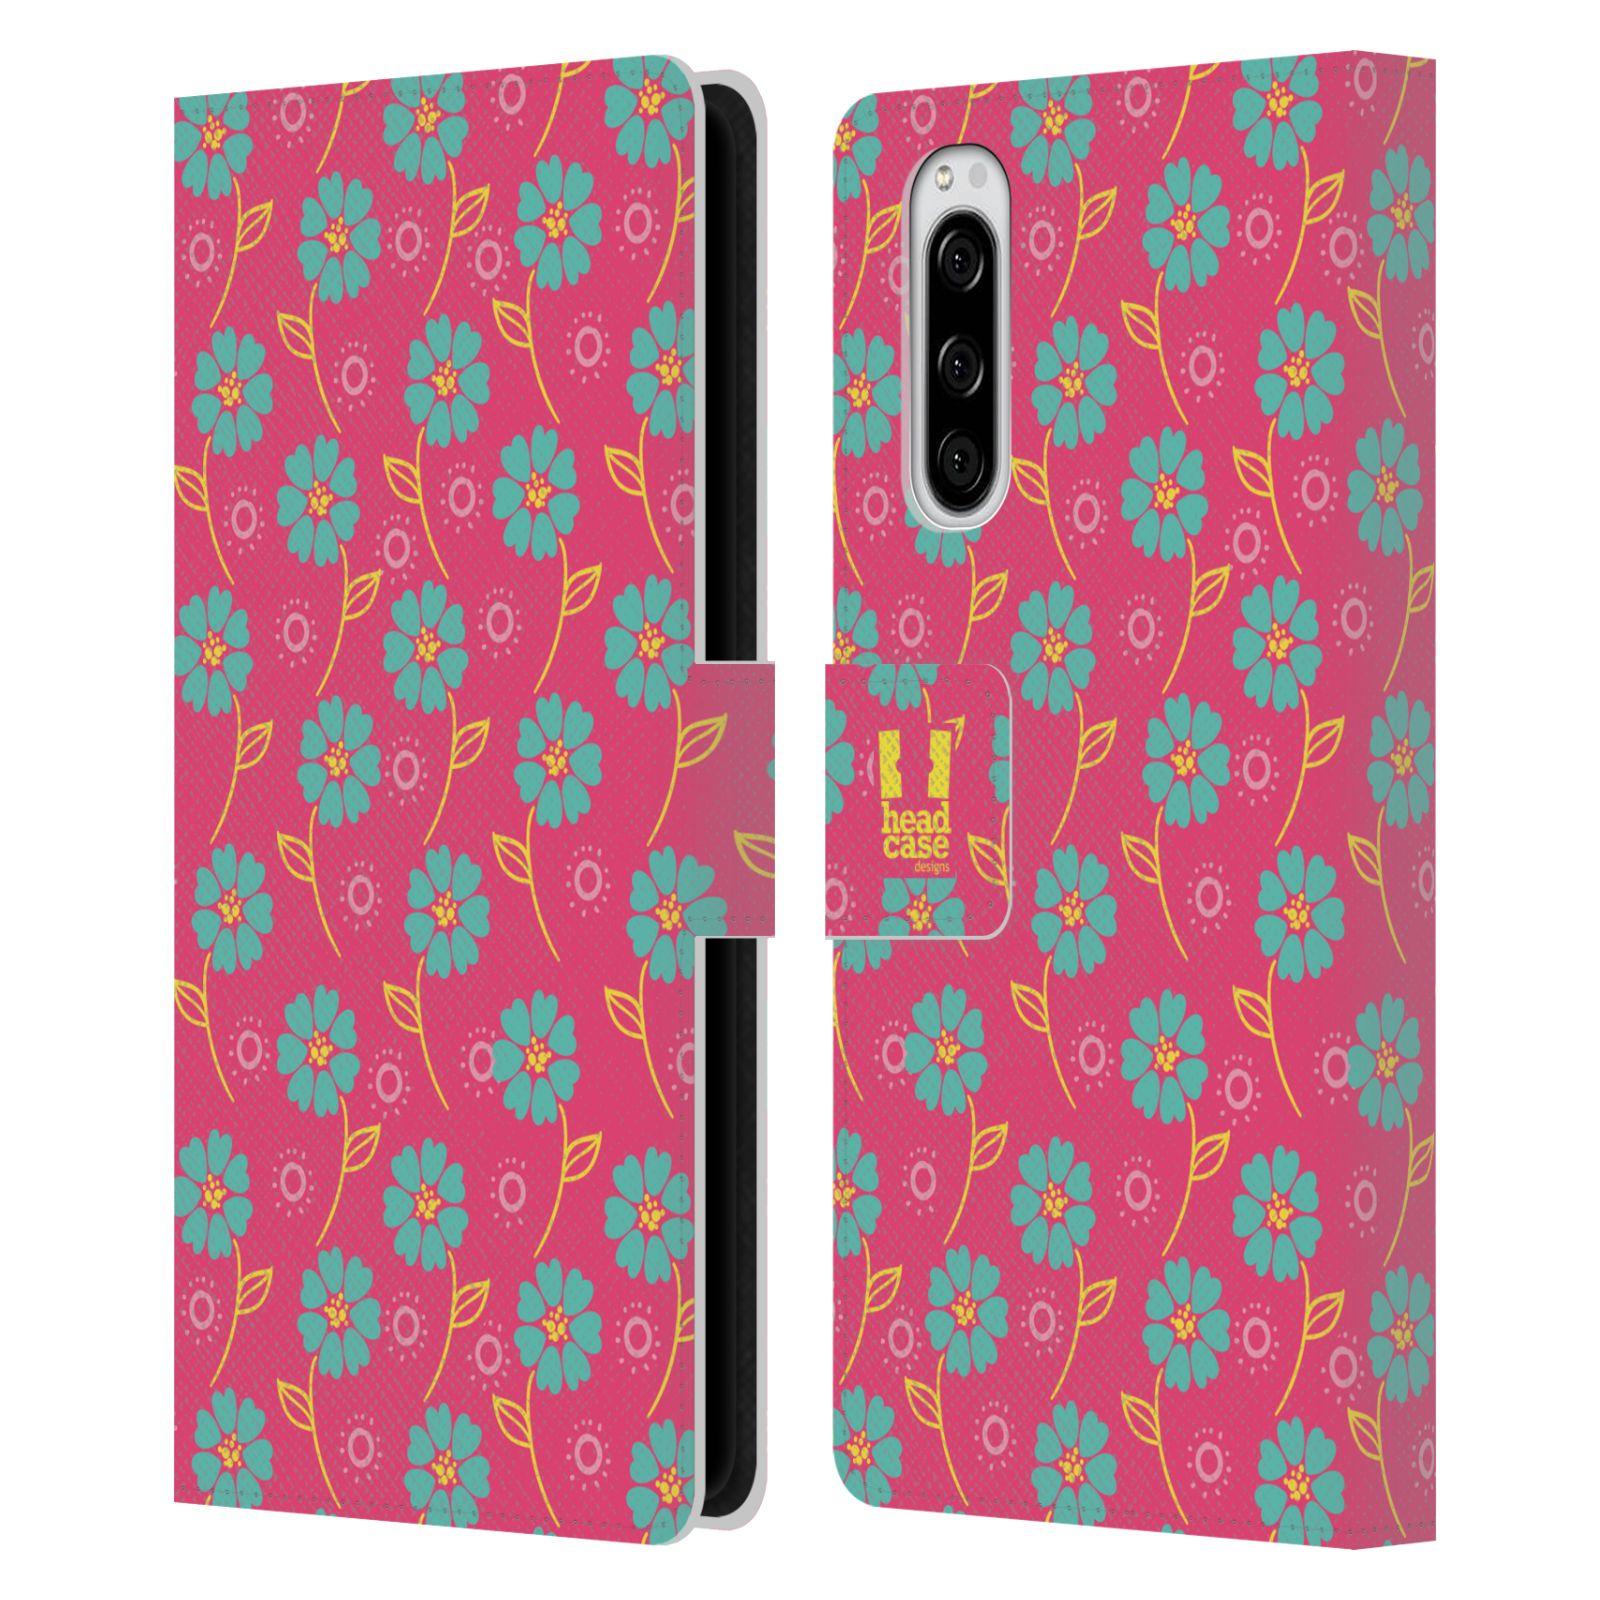 Pouzdro na mobil Sony Xperia 5 Slovanský vzor růžová a modrá květiny